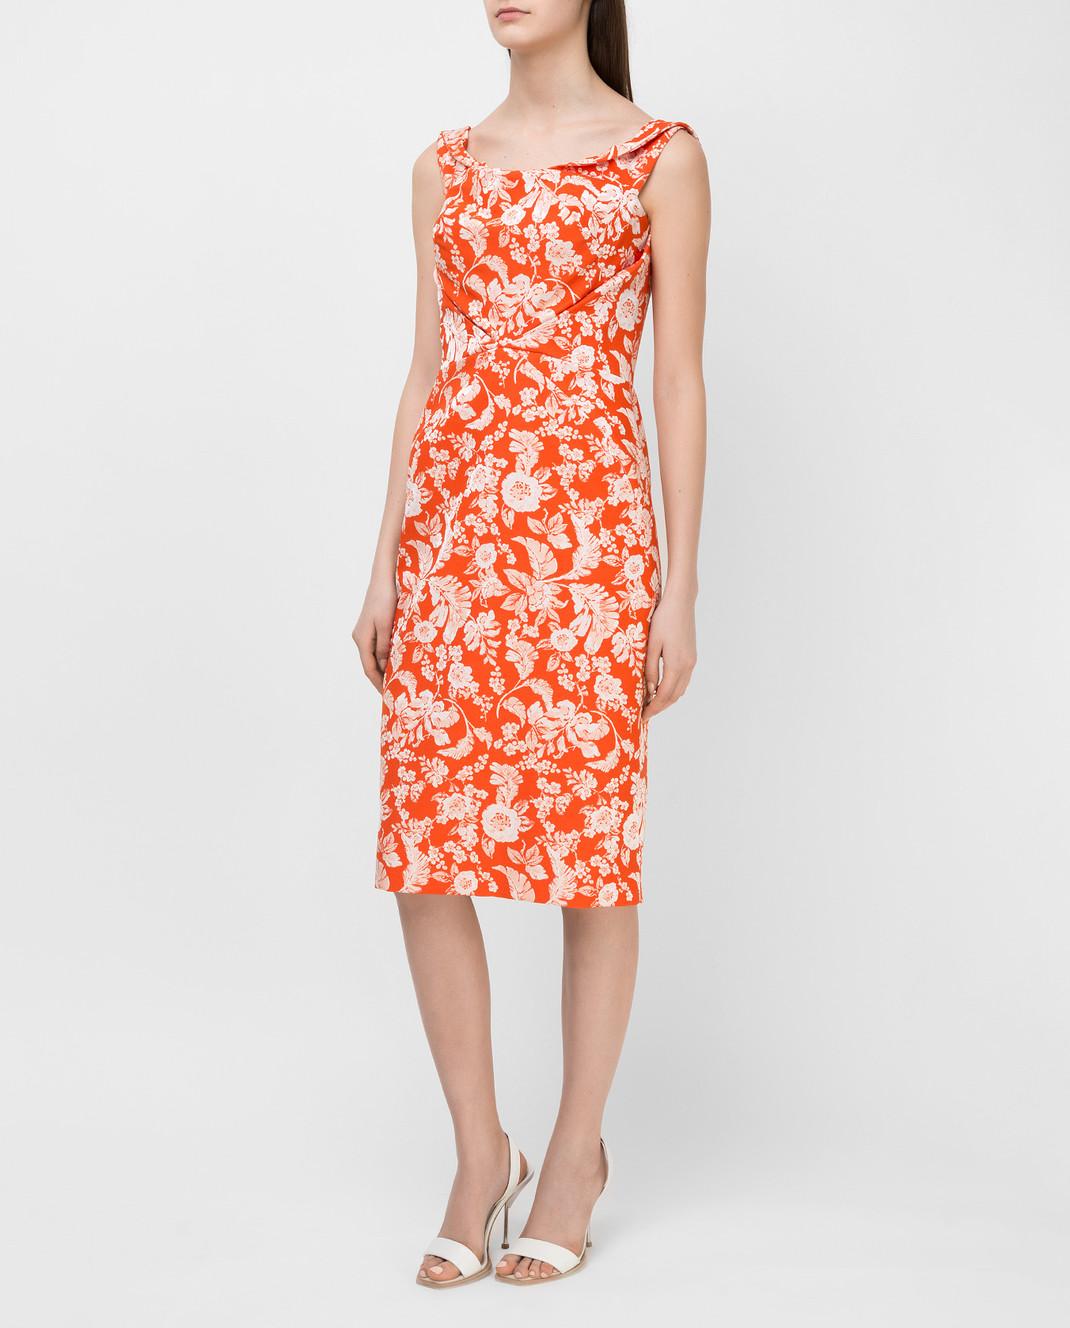 Zac Posen Оранжевое платье 23547753 изображение 3